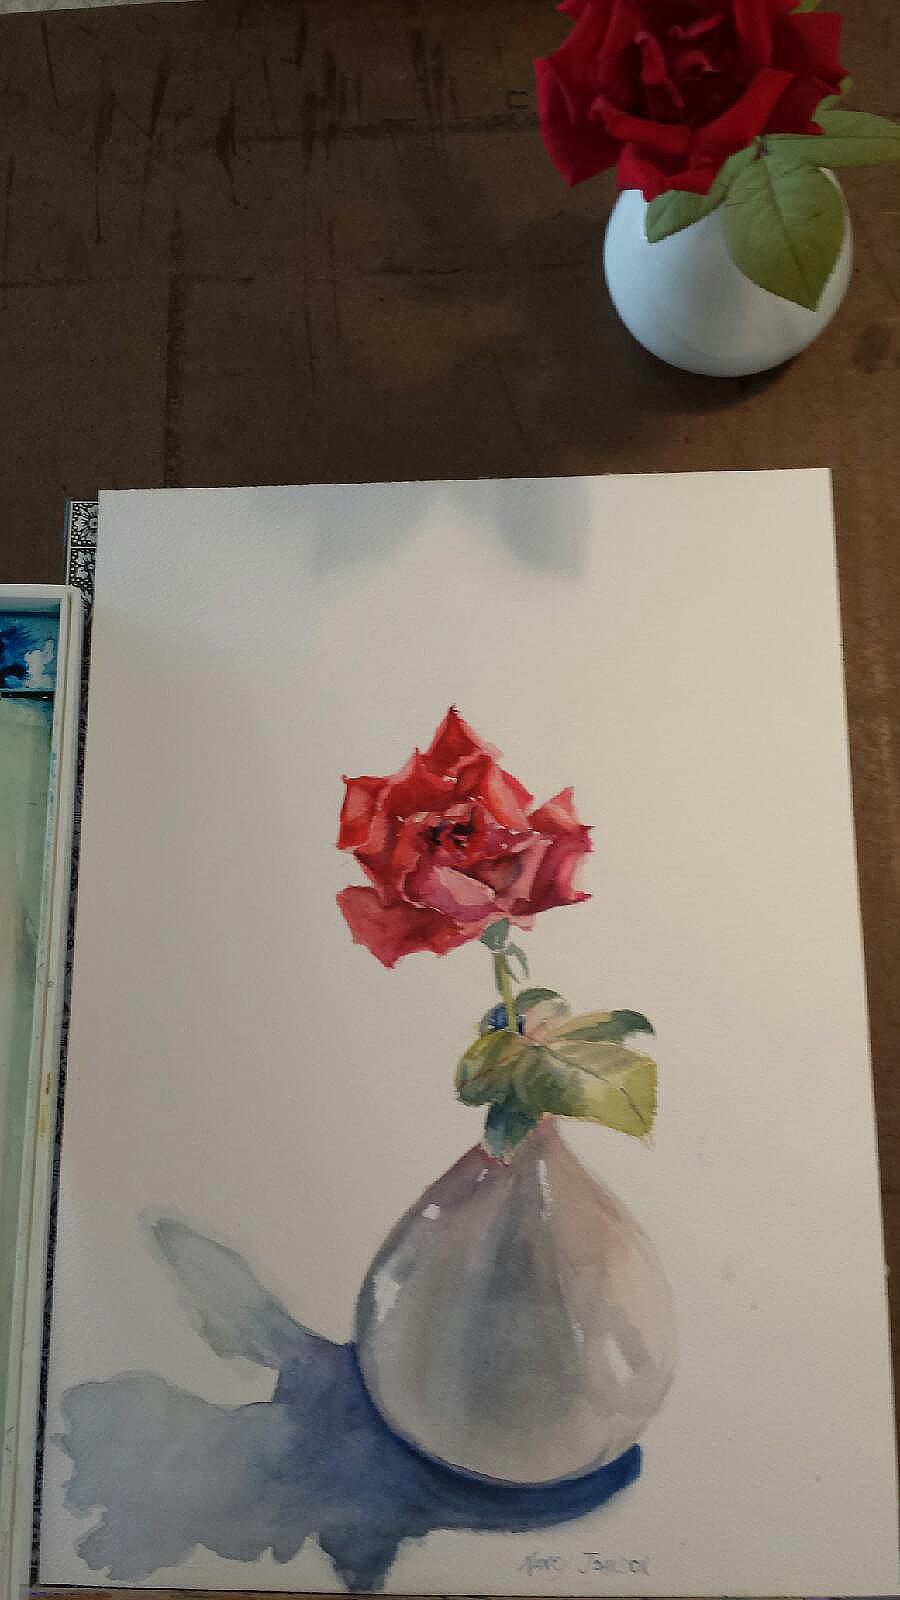 Nancy Johnson's Rose